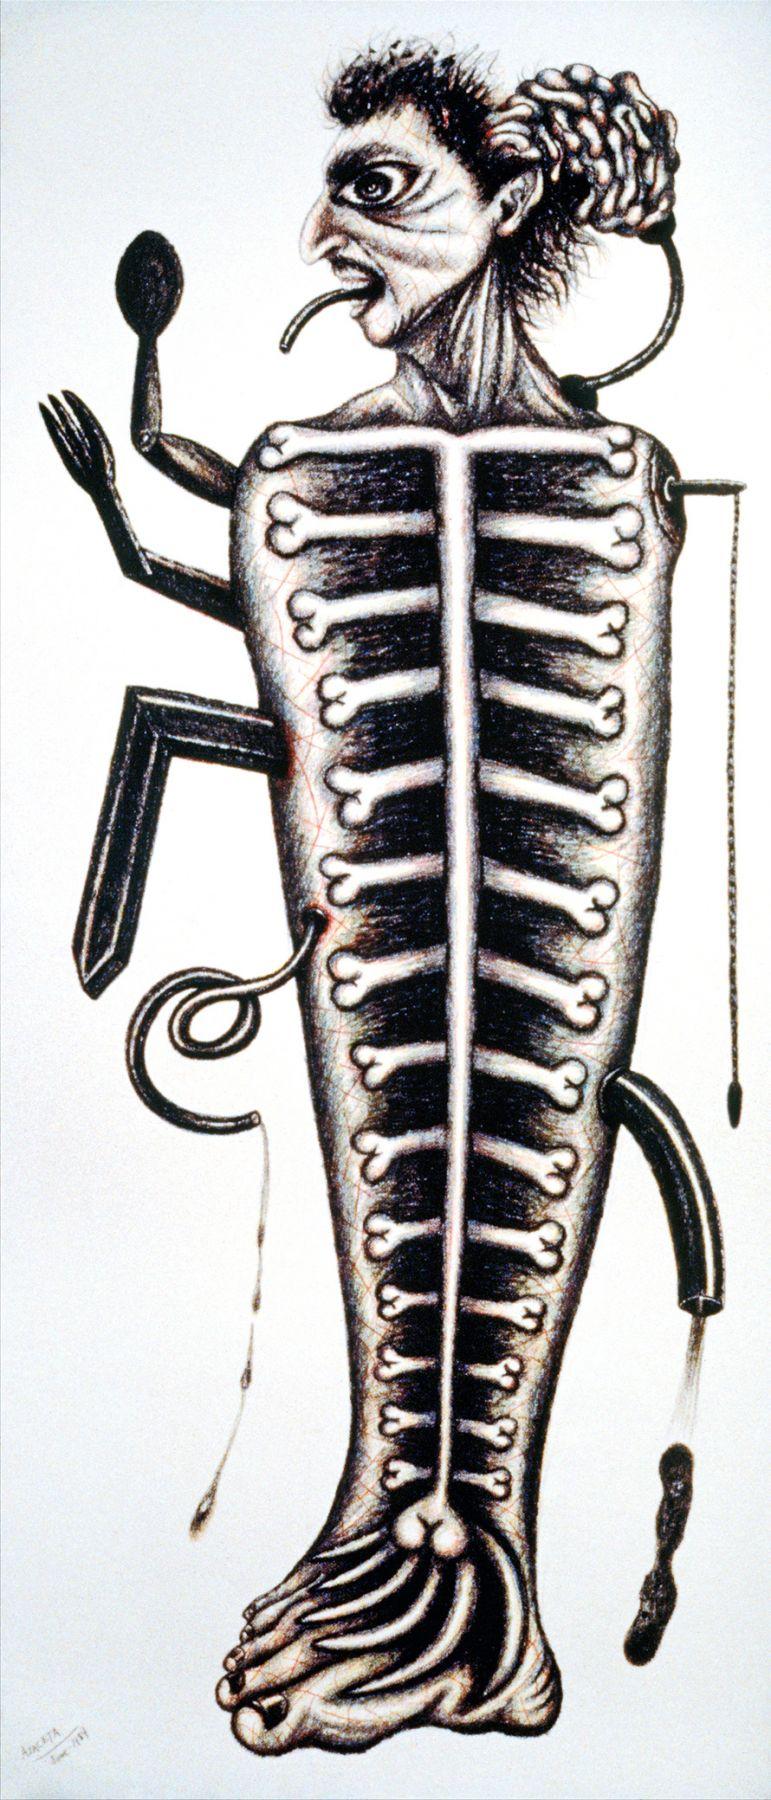 Self-Portrait: Mechanical Fish  1984